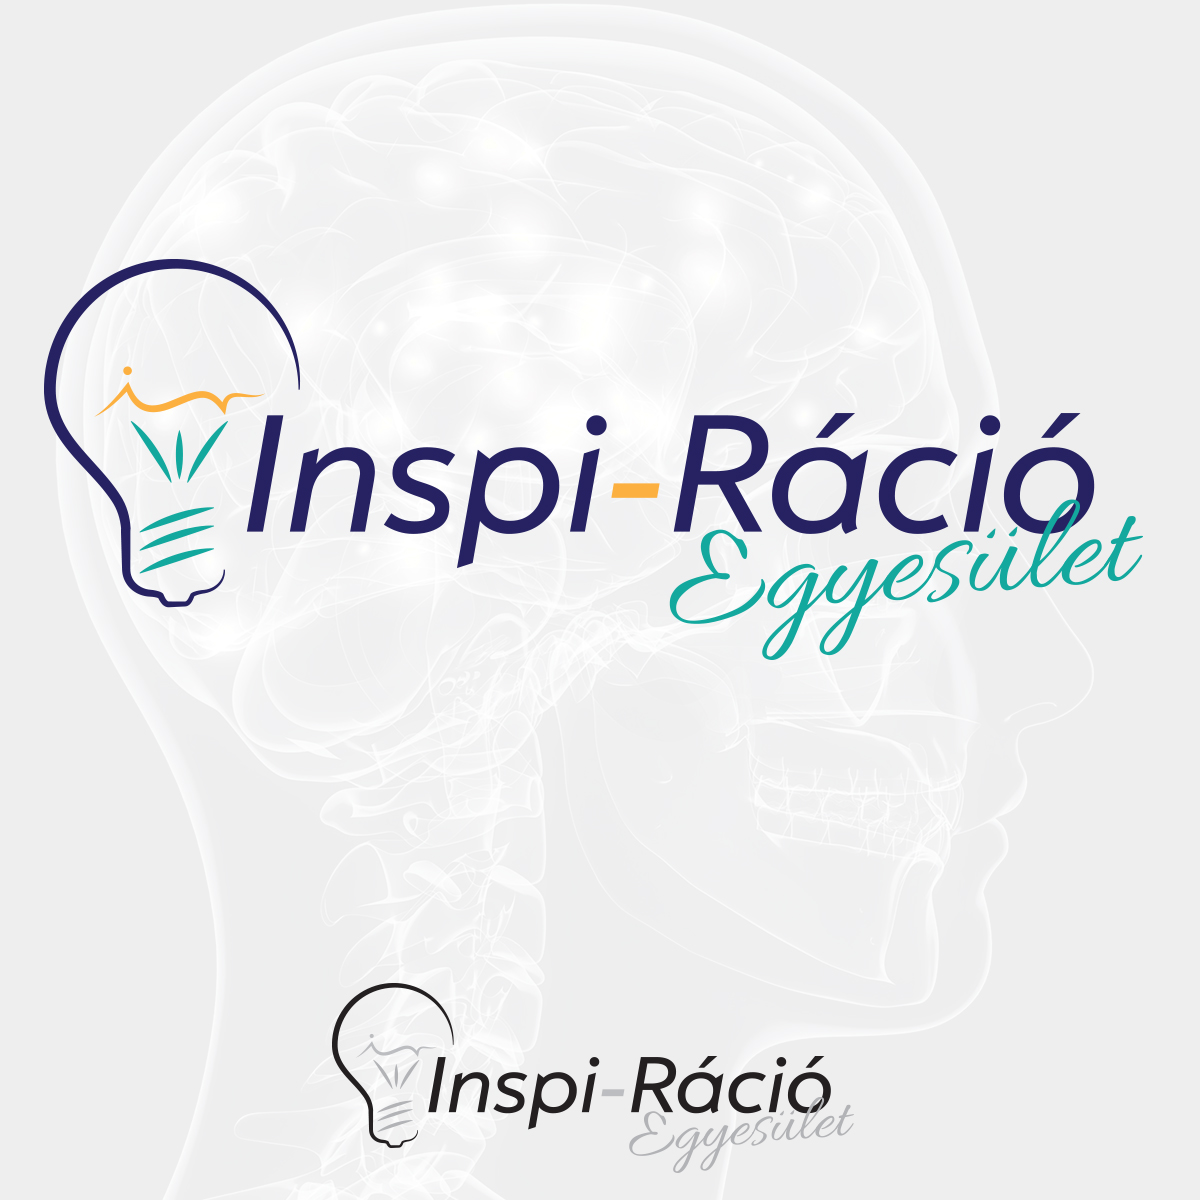 Inspi-Ráció Egyesület logóterv